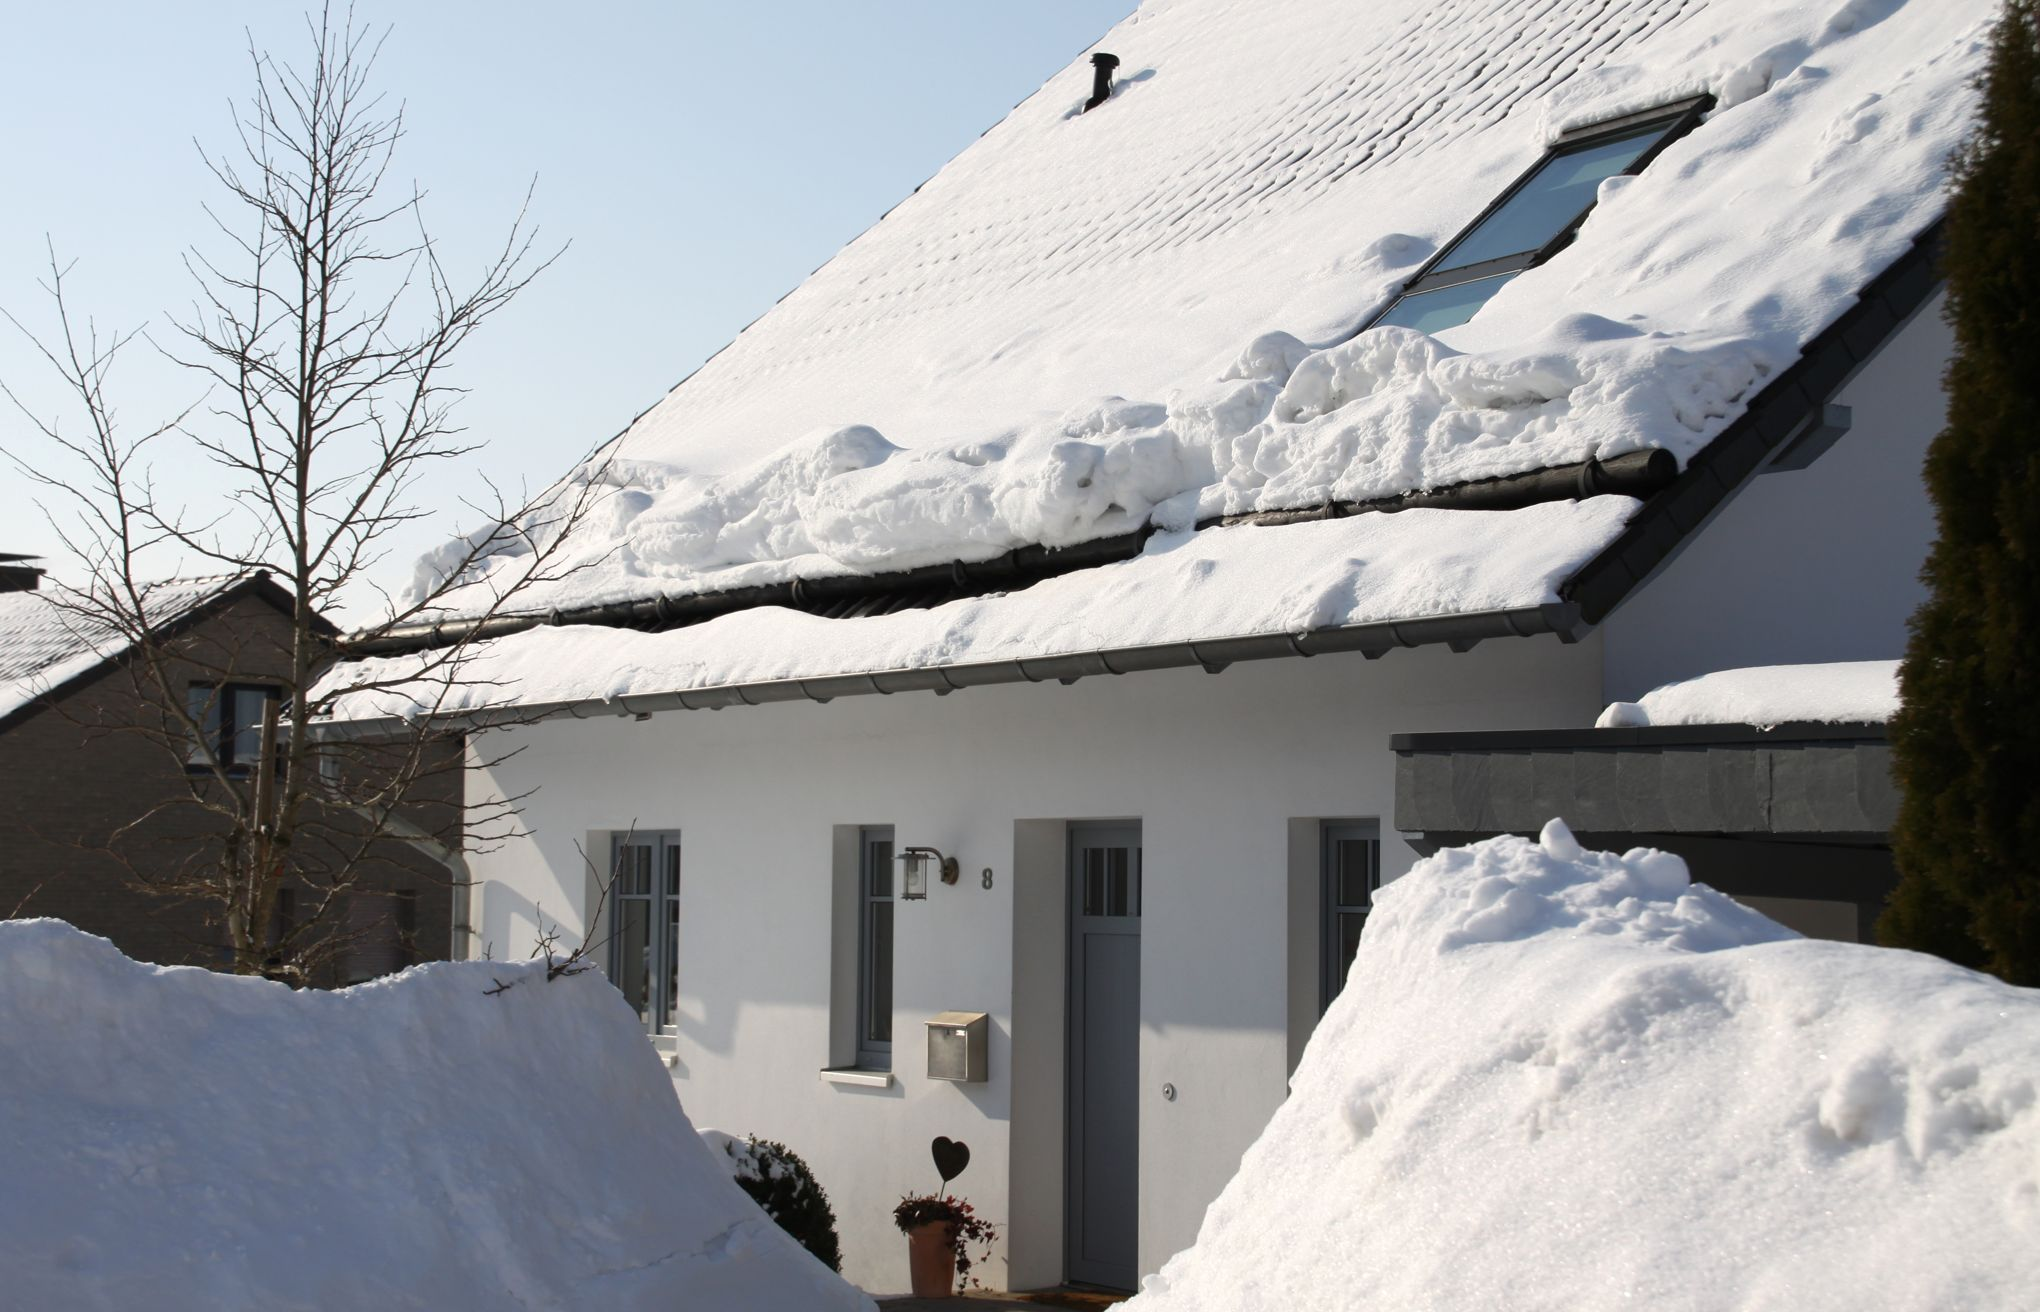 La copropriété doit déneiger la toiture de l'immeuble